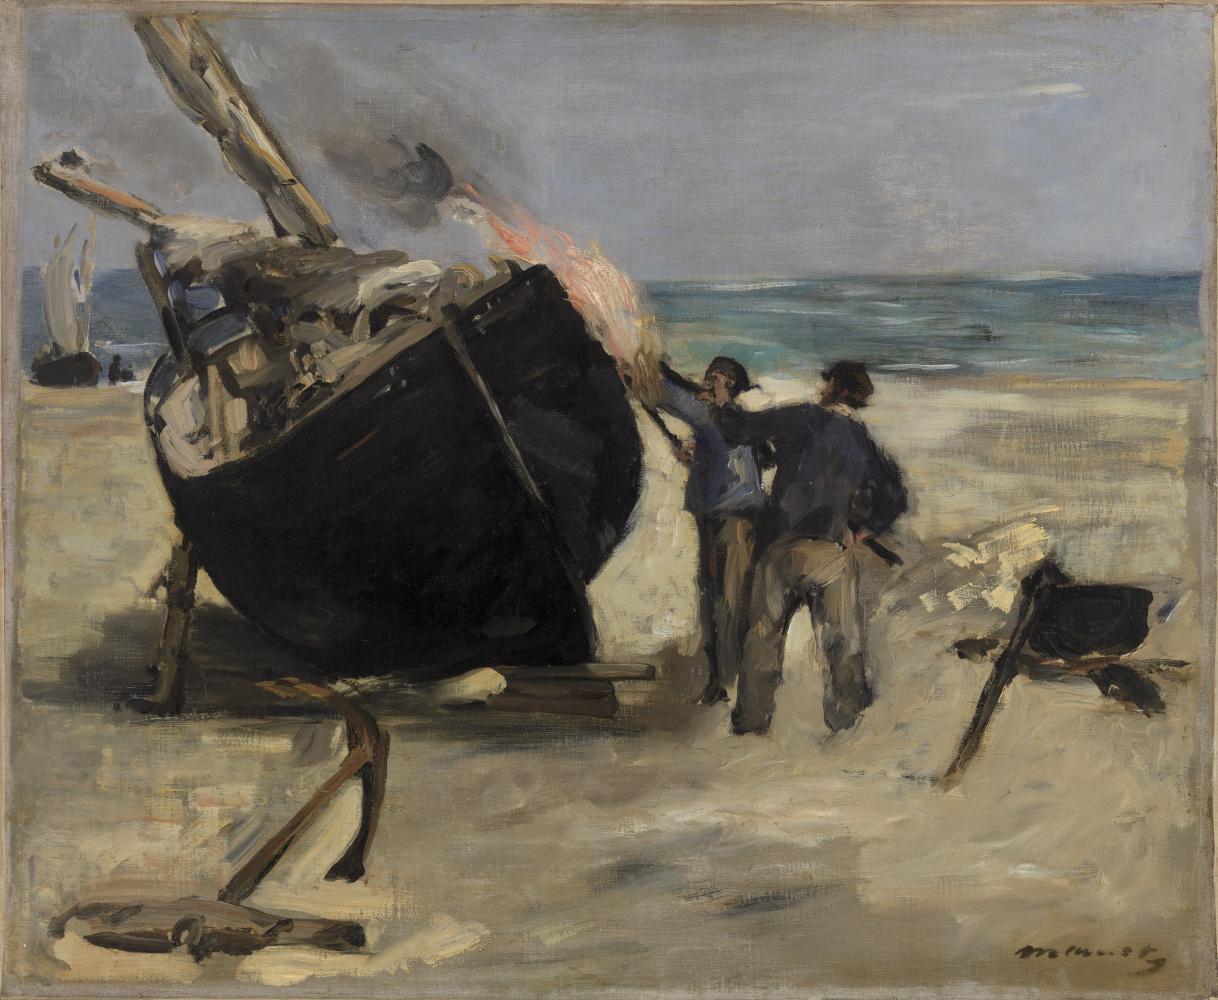 Edouard Manet. Smolina boats